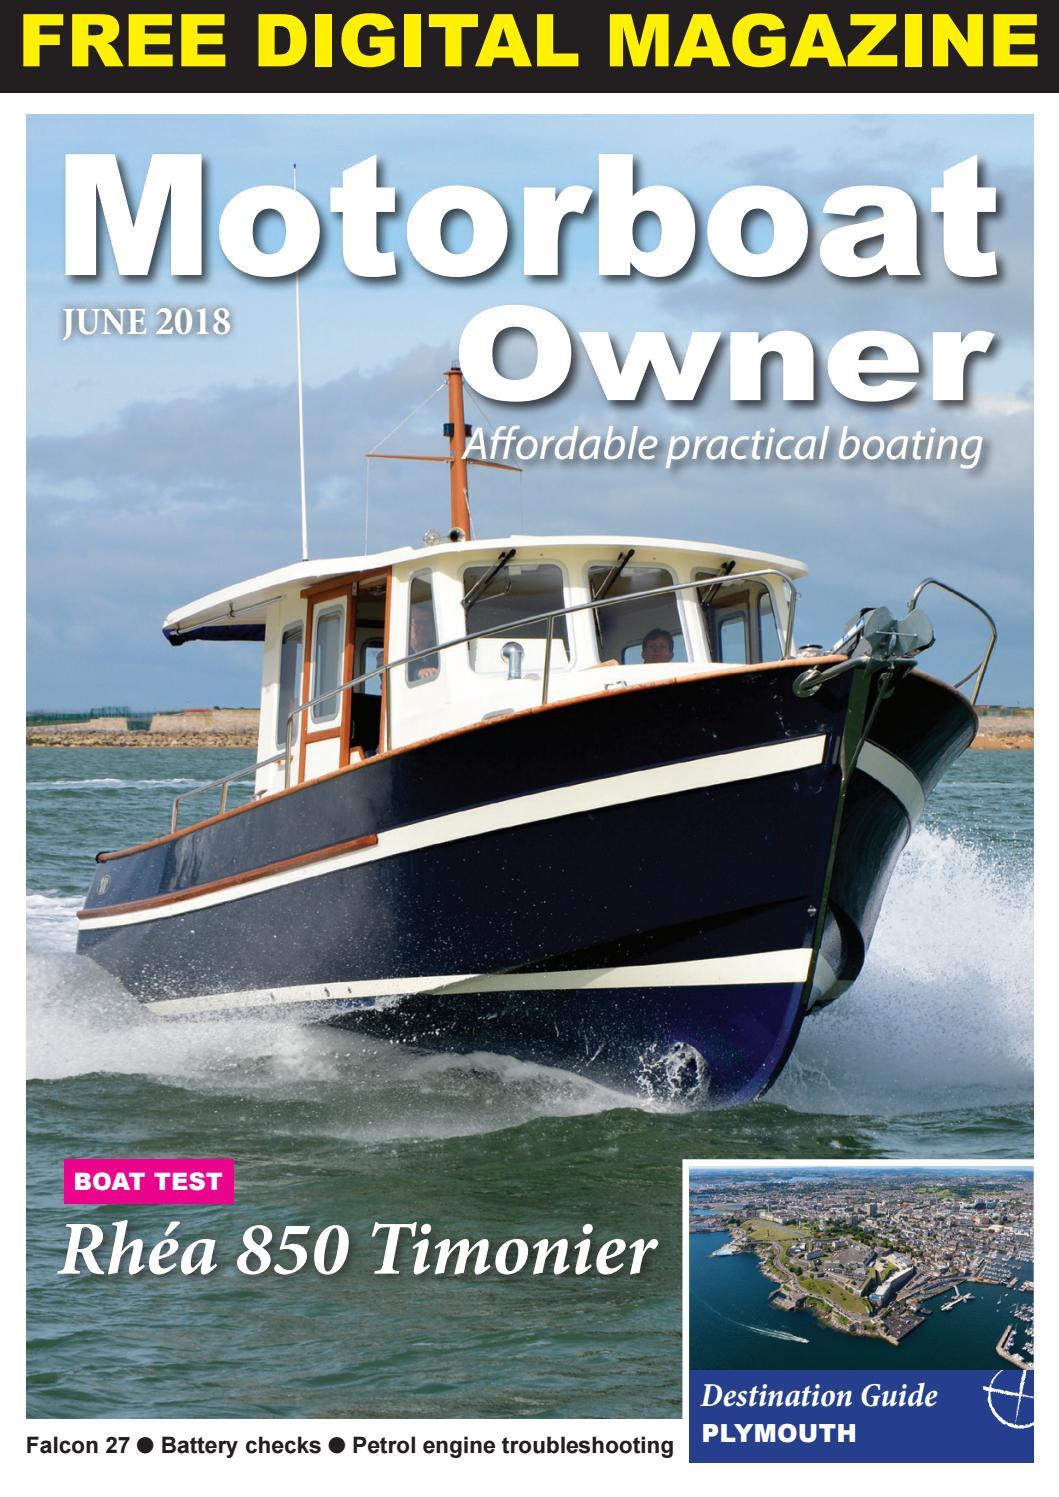 Motorboat Owner June 2018 by Digital Marine Media Ltd - issuu